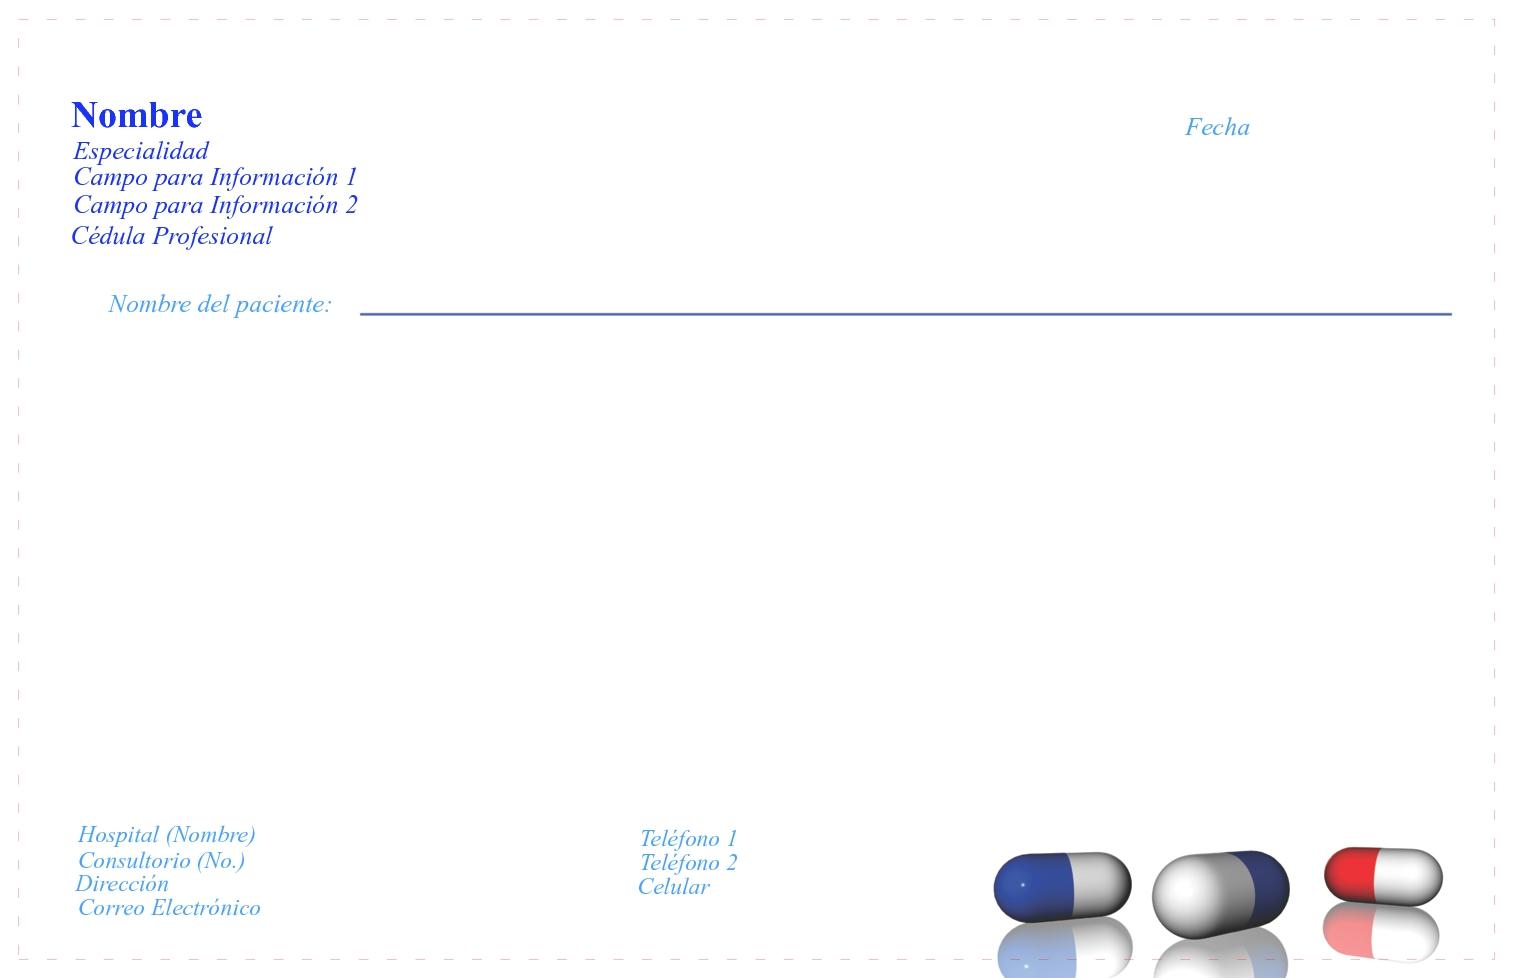 formato de receta medica doc